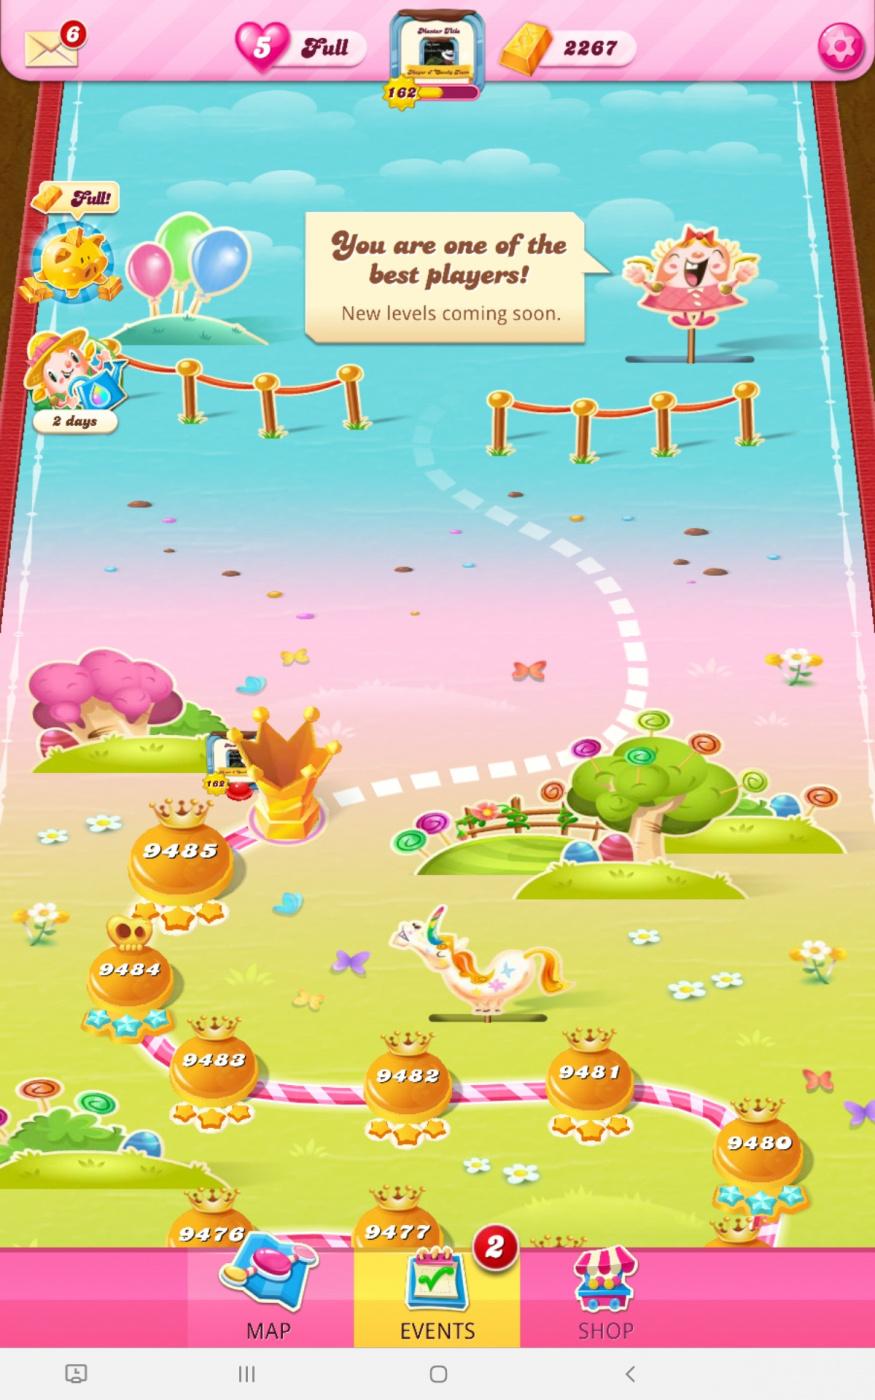 Screenshot_20210602-222051_Candy Crush Saga.jpg